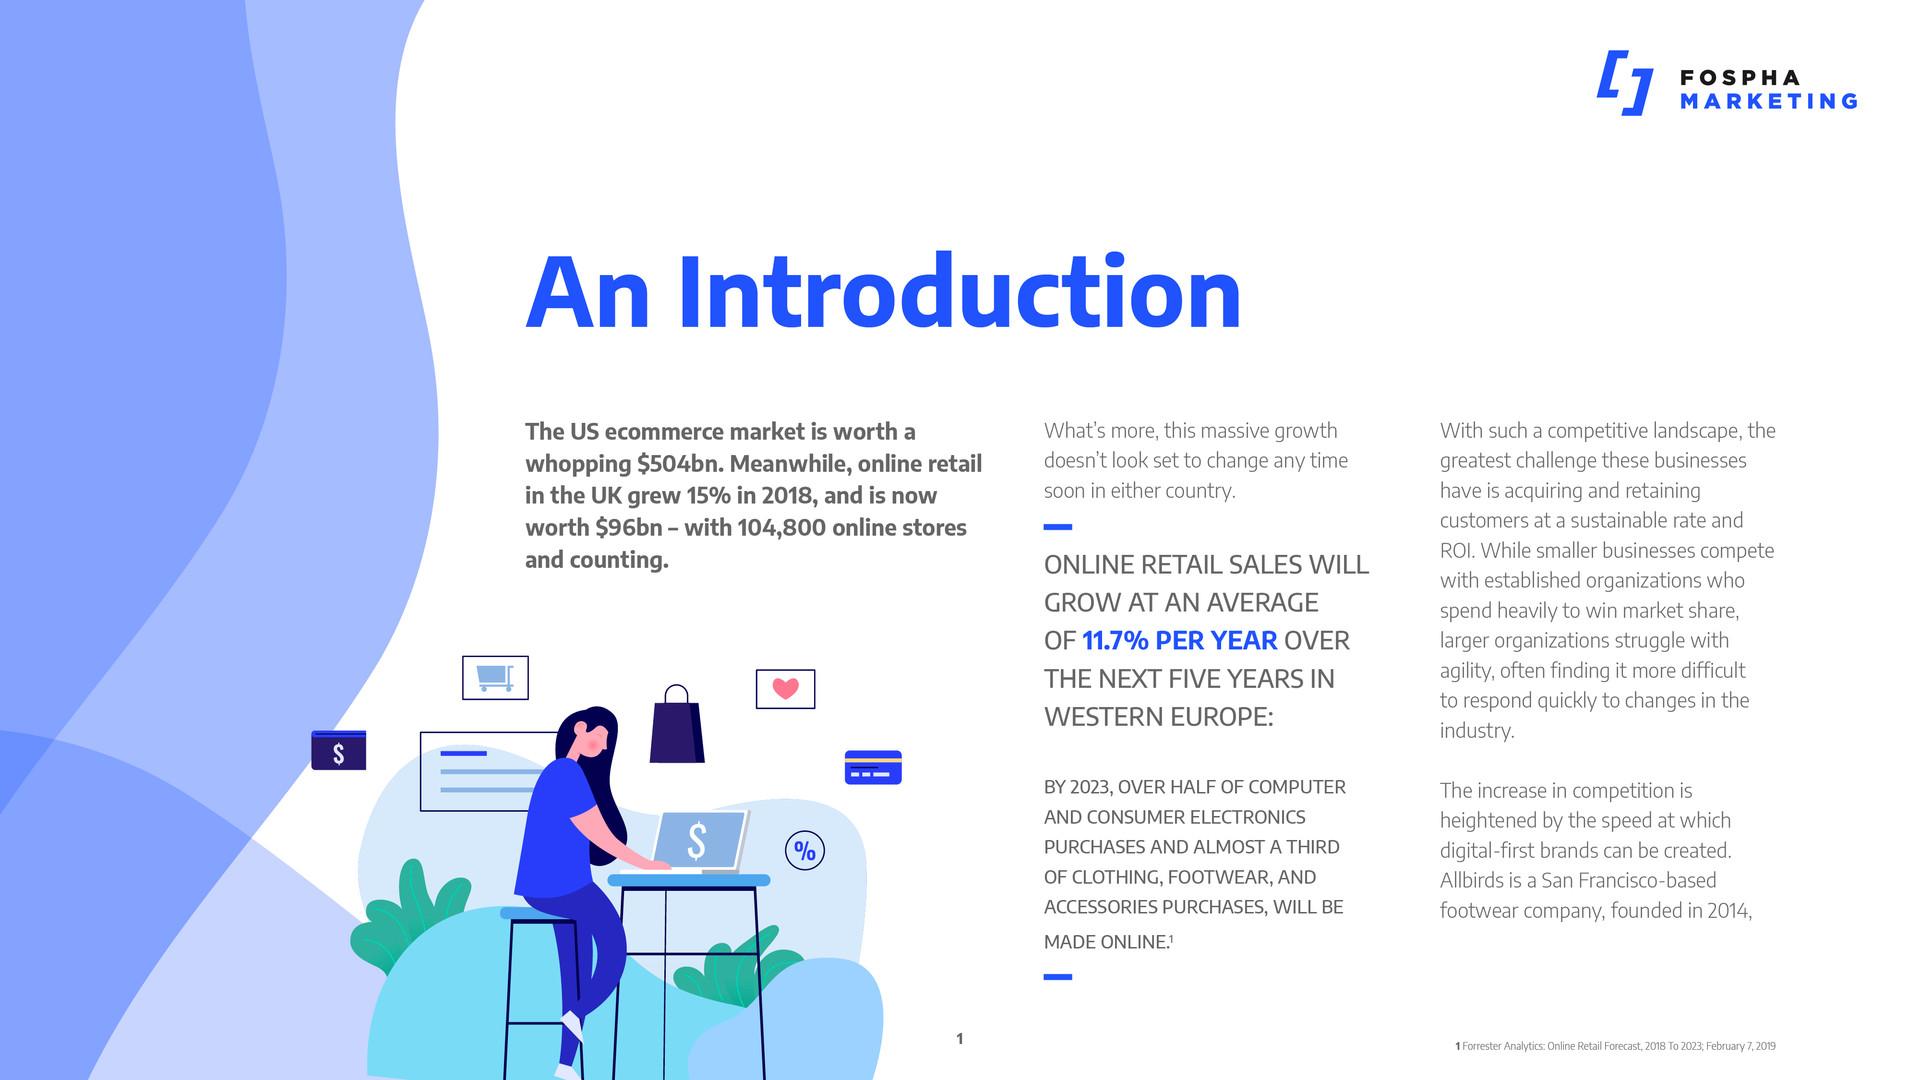 Fospha_White Paper_Design_V13.jpg